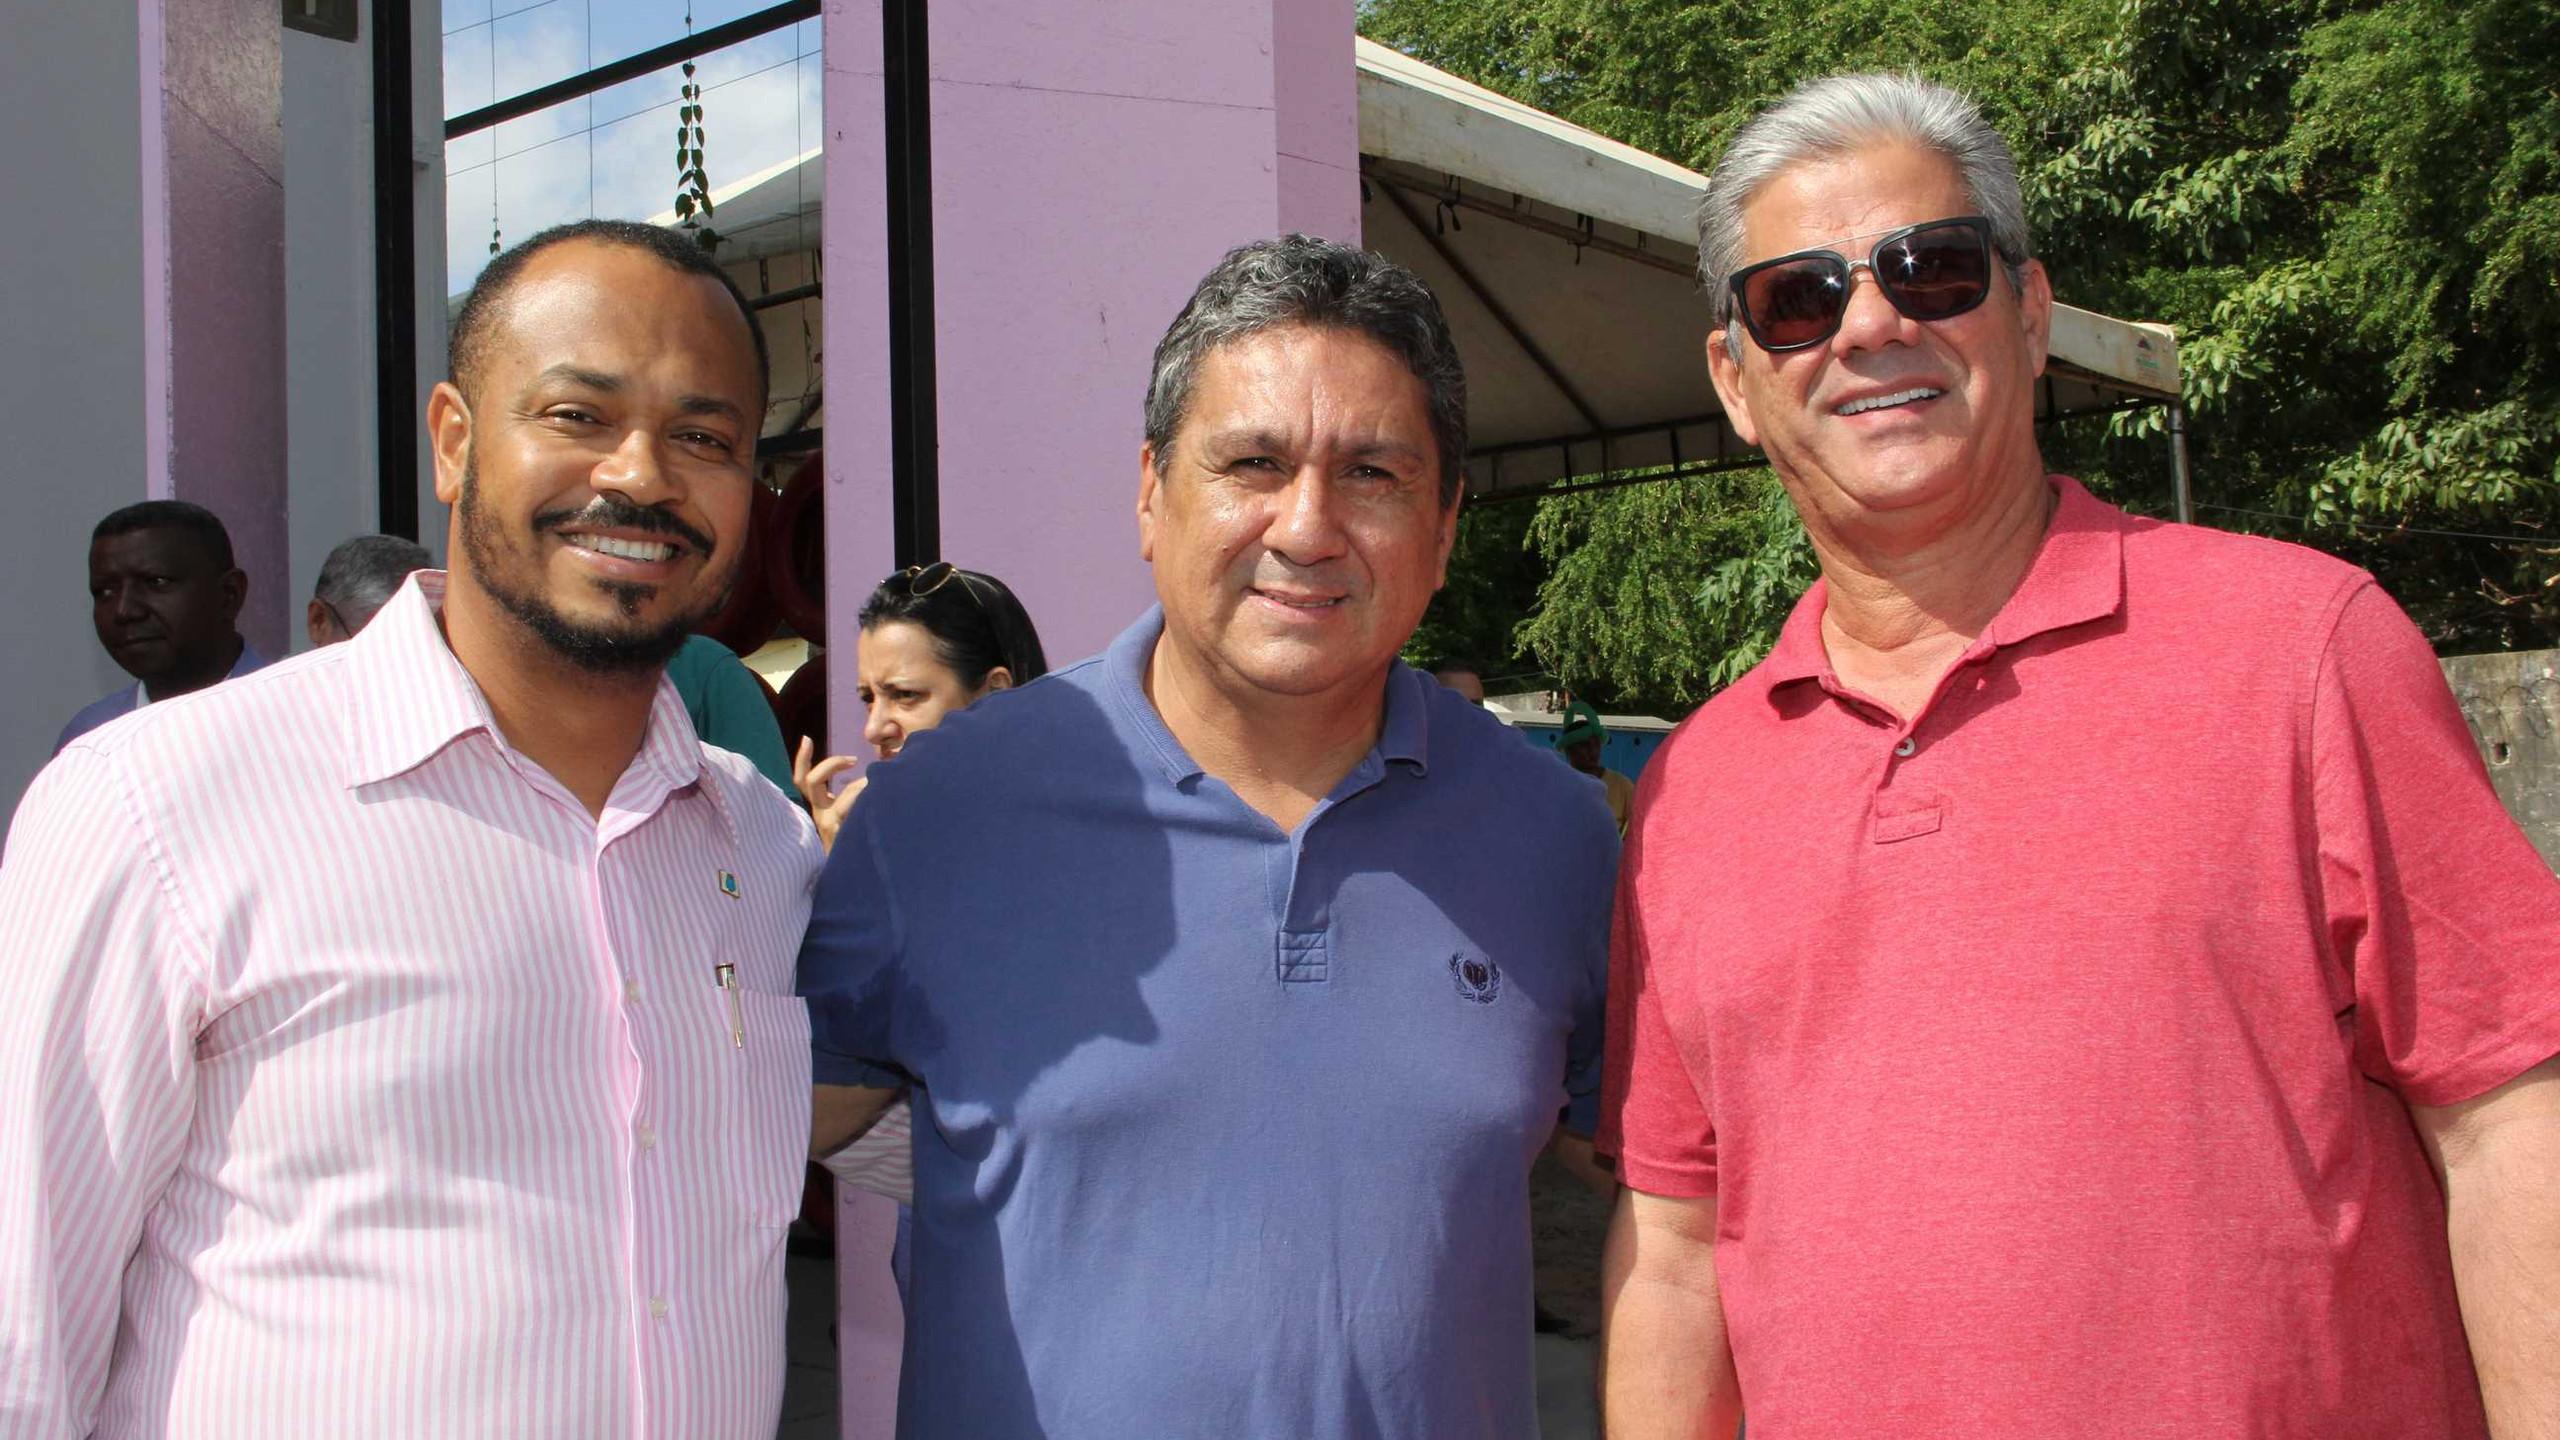 Sec. Mun. Rel. Parlamentares Raimundo Nonato Jr.; Miguel Pinheiro e José Augusto Telles.